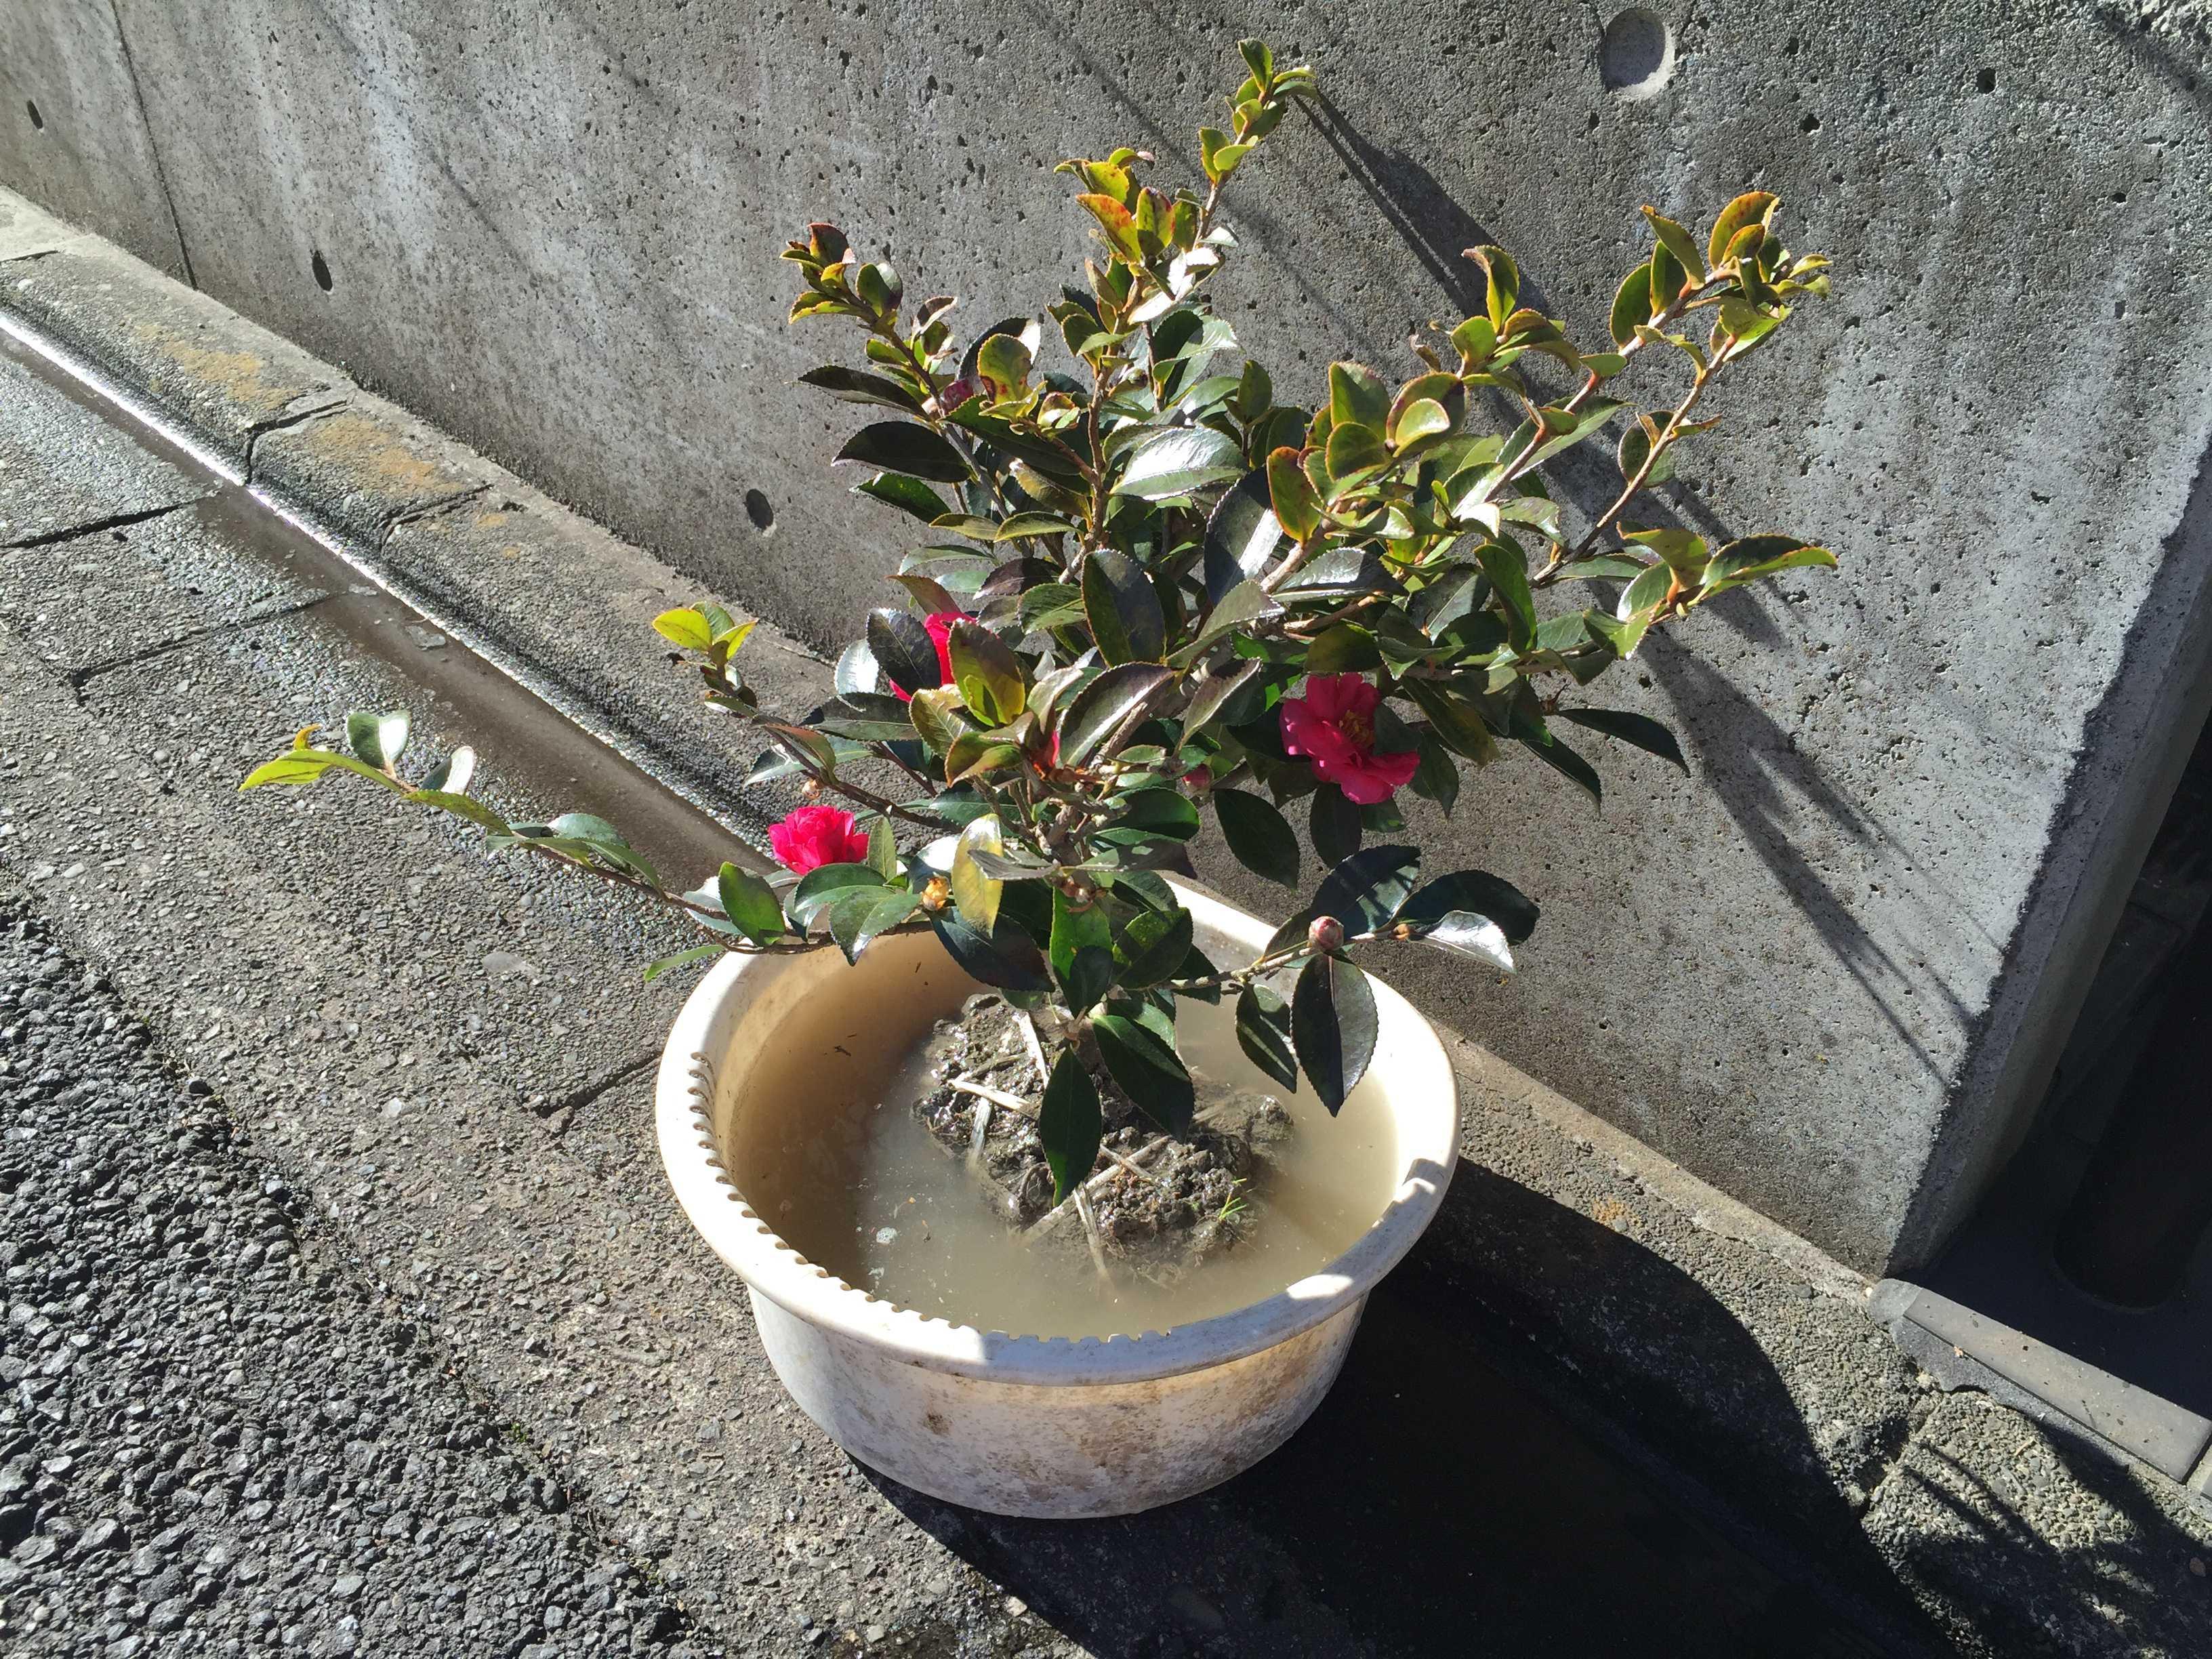 サザンカのハイカンツバキ(這寒椿)の苗木